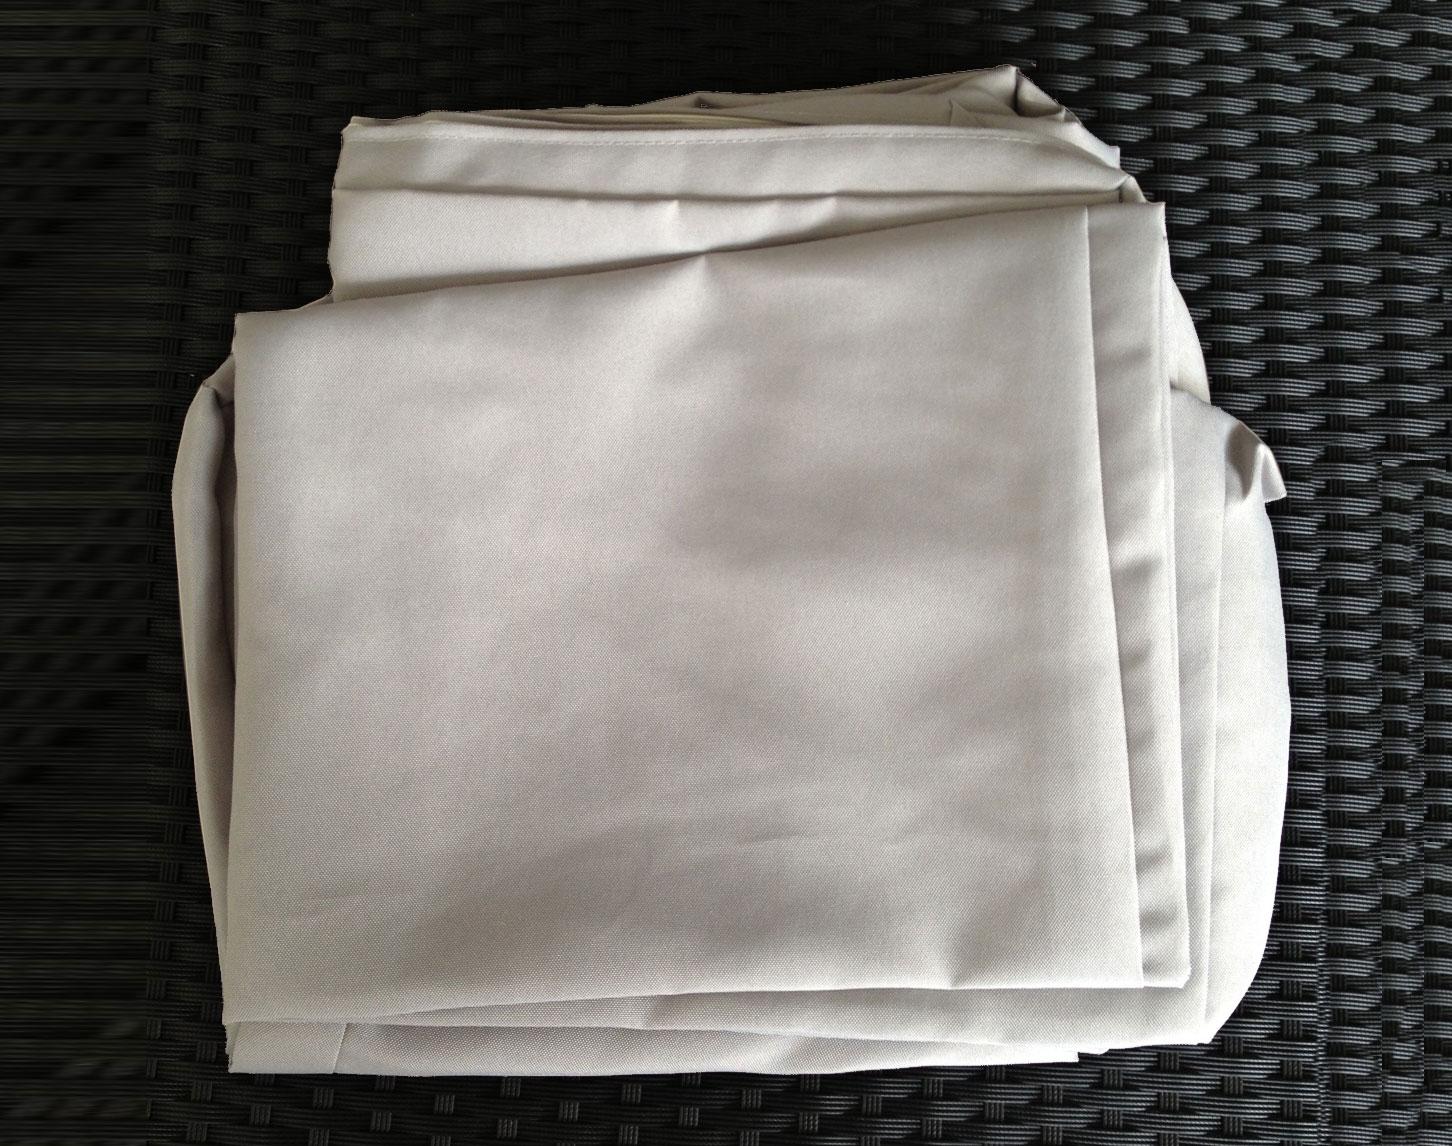 Jeu de Housses tissu gris pour Salon de Jardin PUERTO RICO